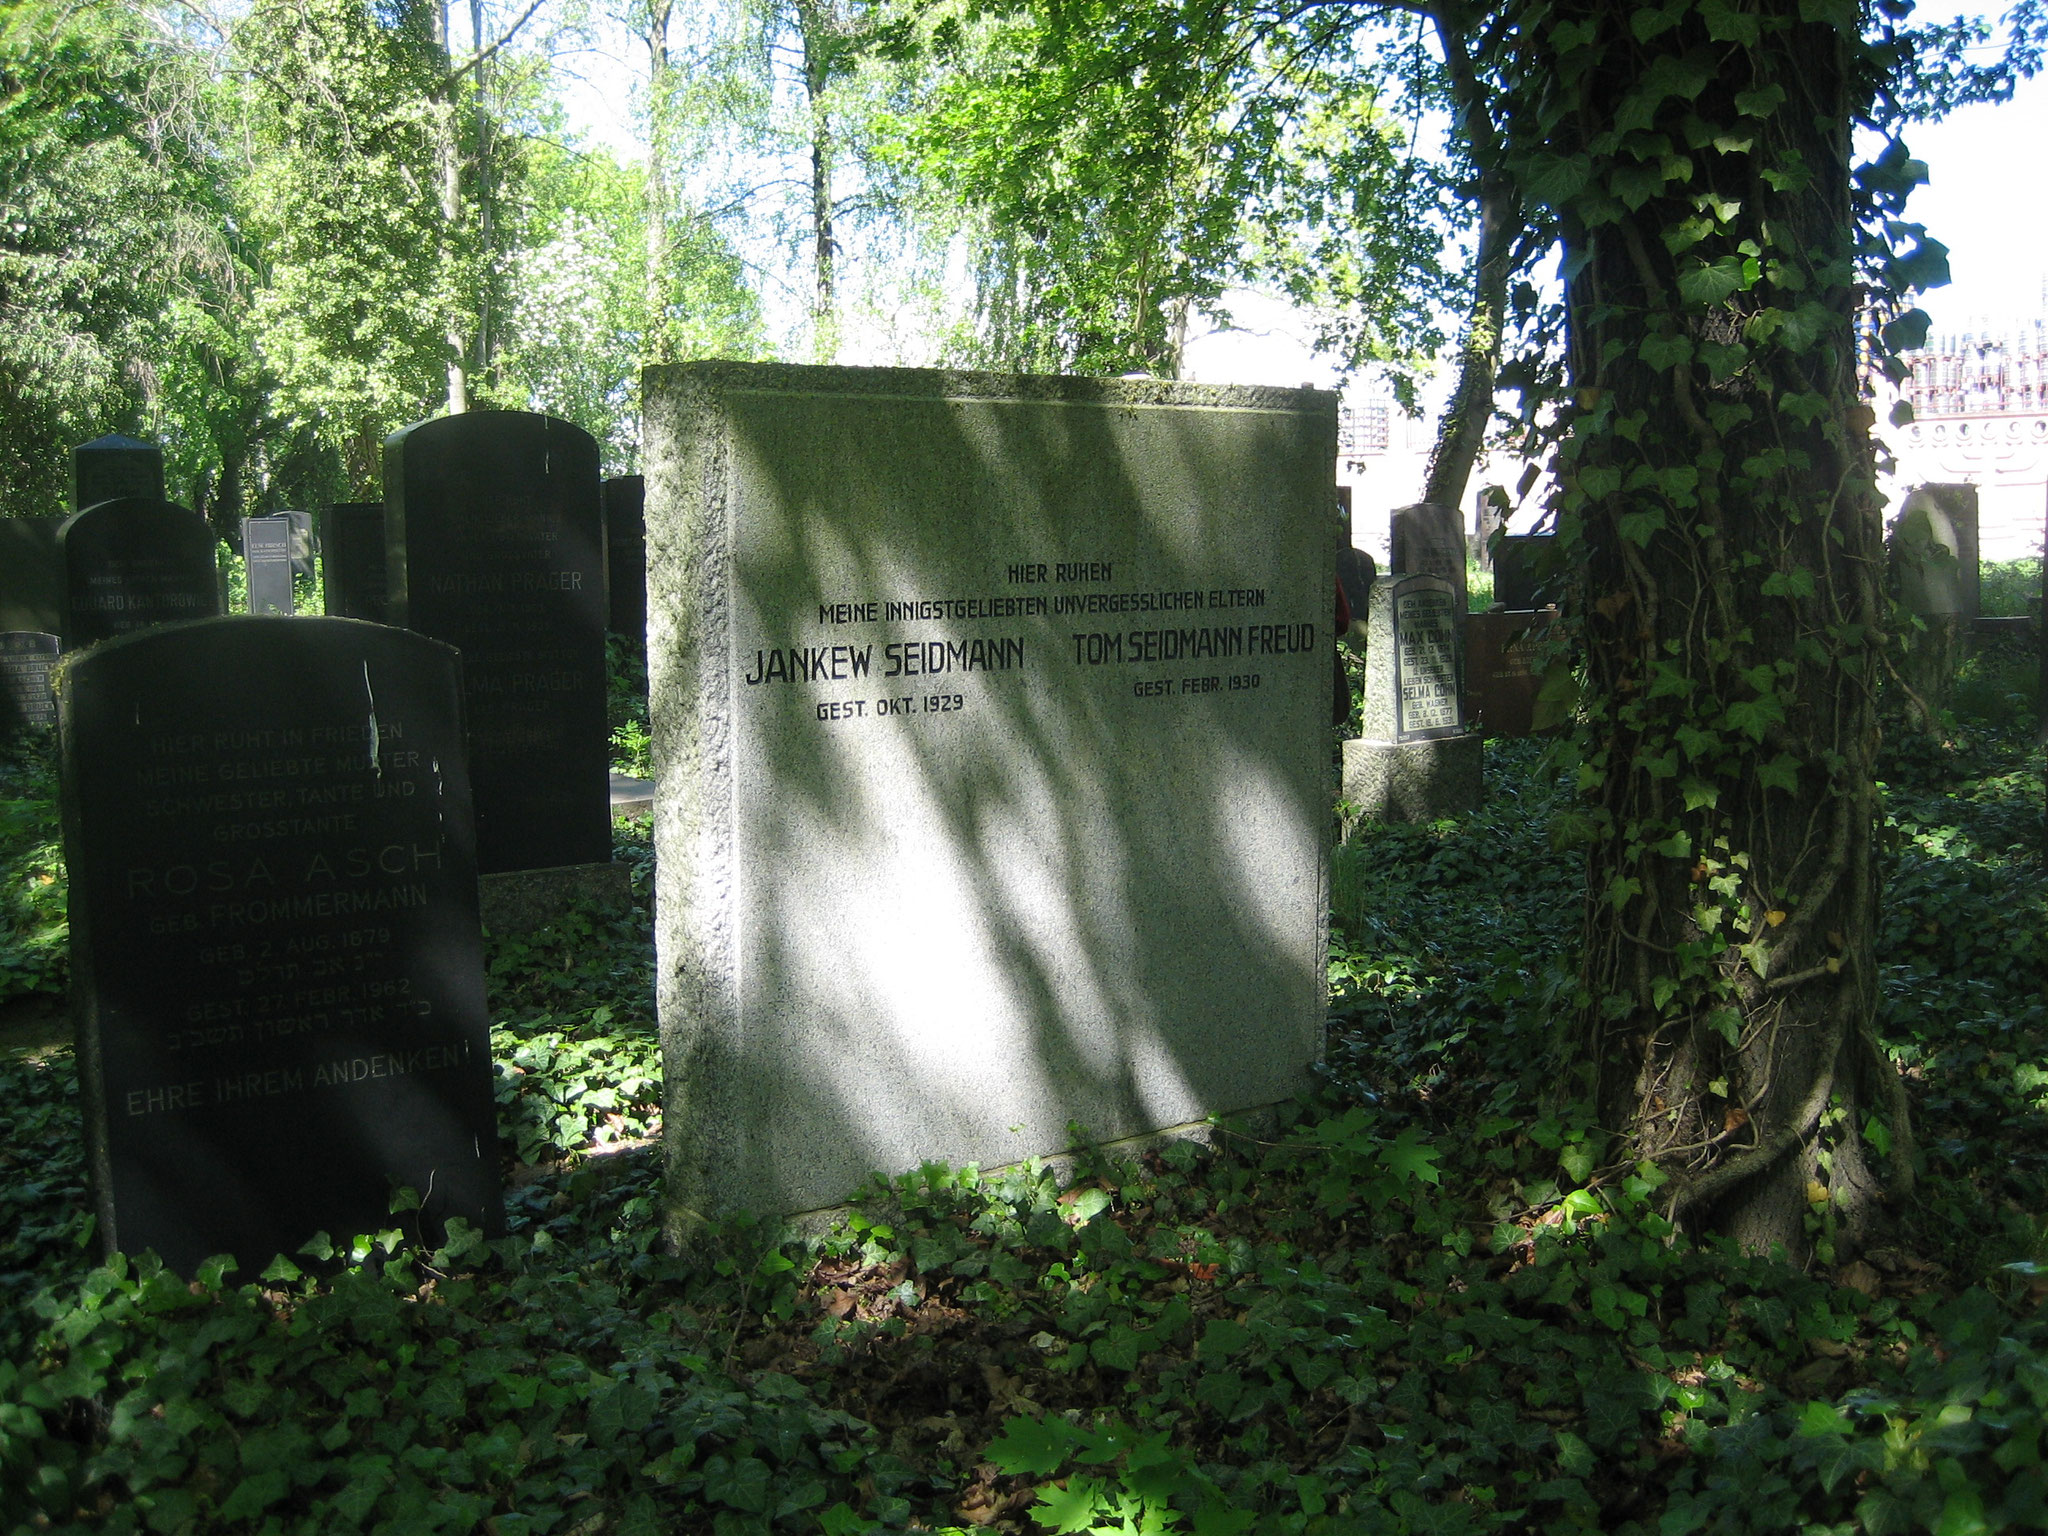 Grabstein für Jankew Seidmann und Tom Seidmann Freud auf dem Jüdischen Friedhof in Berlin